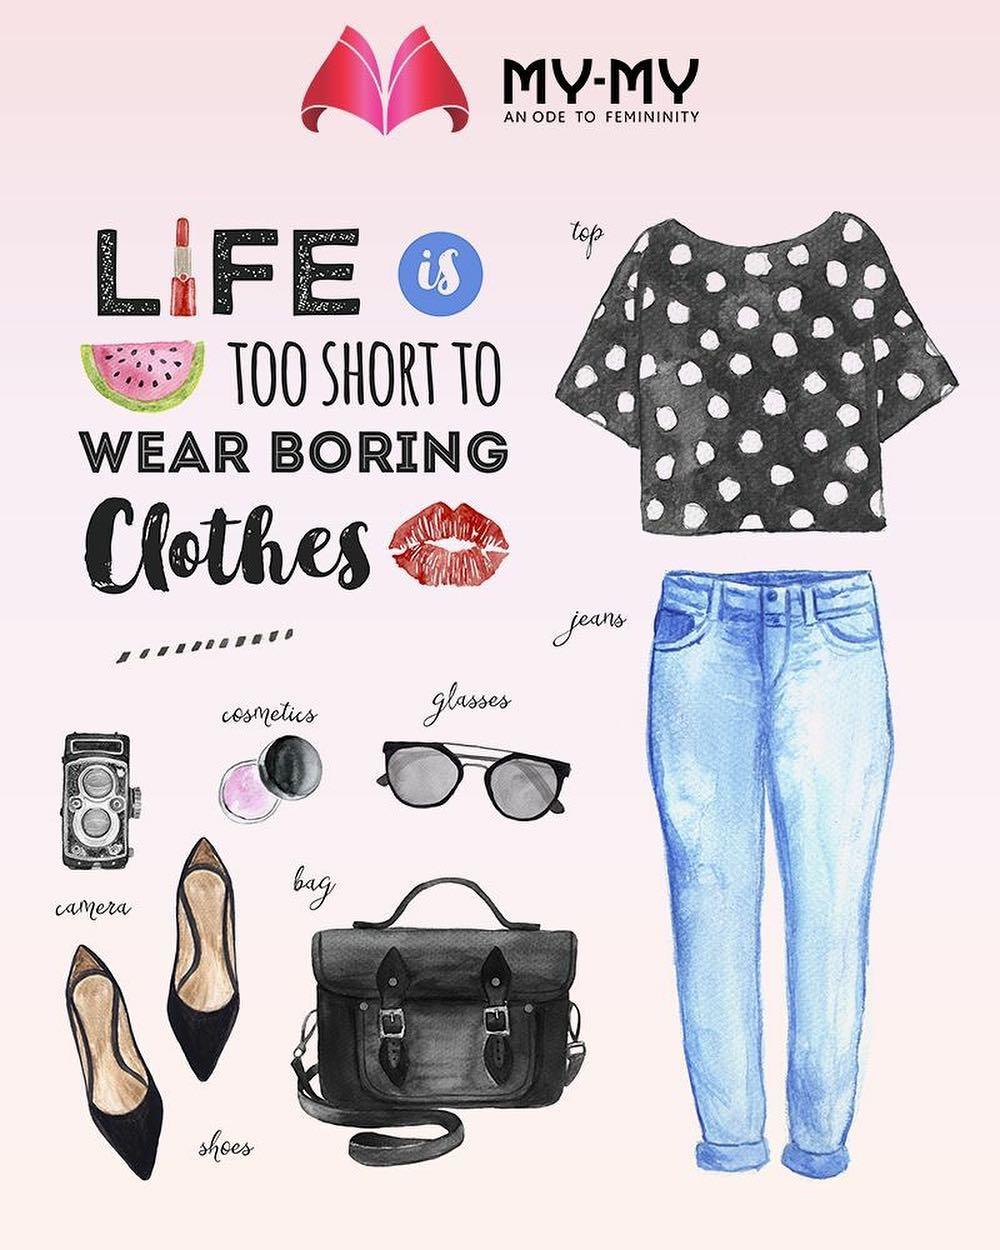 Life's short to dress boring!  #FemaleFashion #Style #SummerWardrobe #MyMy #MyMyAhmedabad #Fashion #Ahmedabad